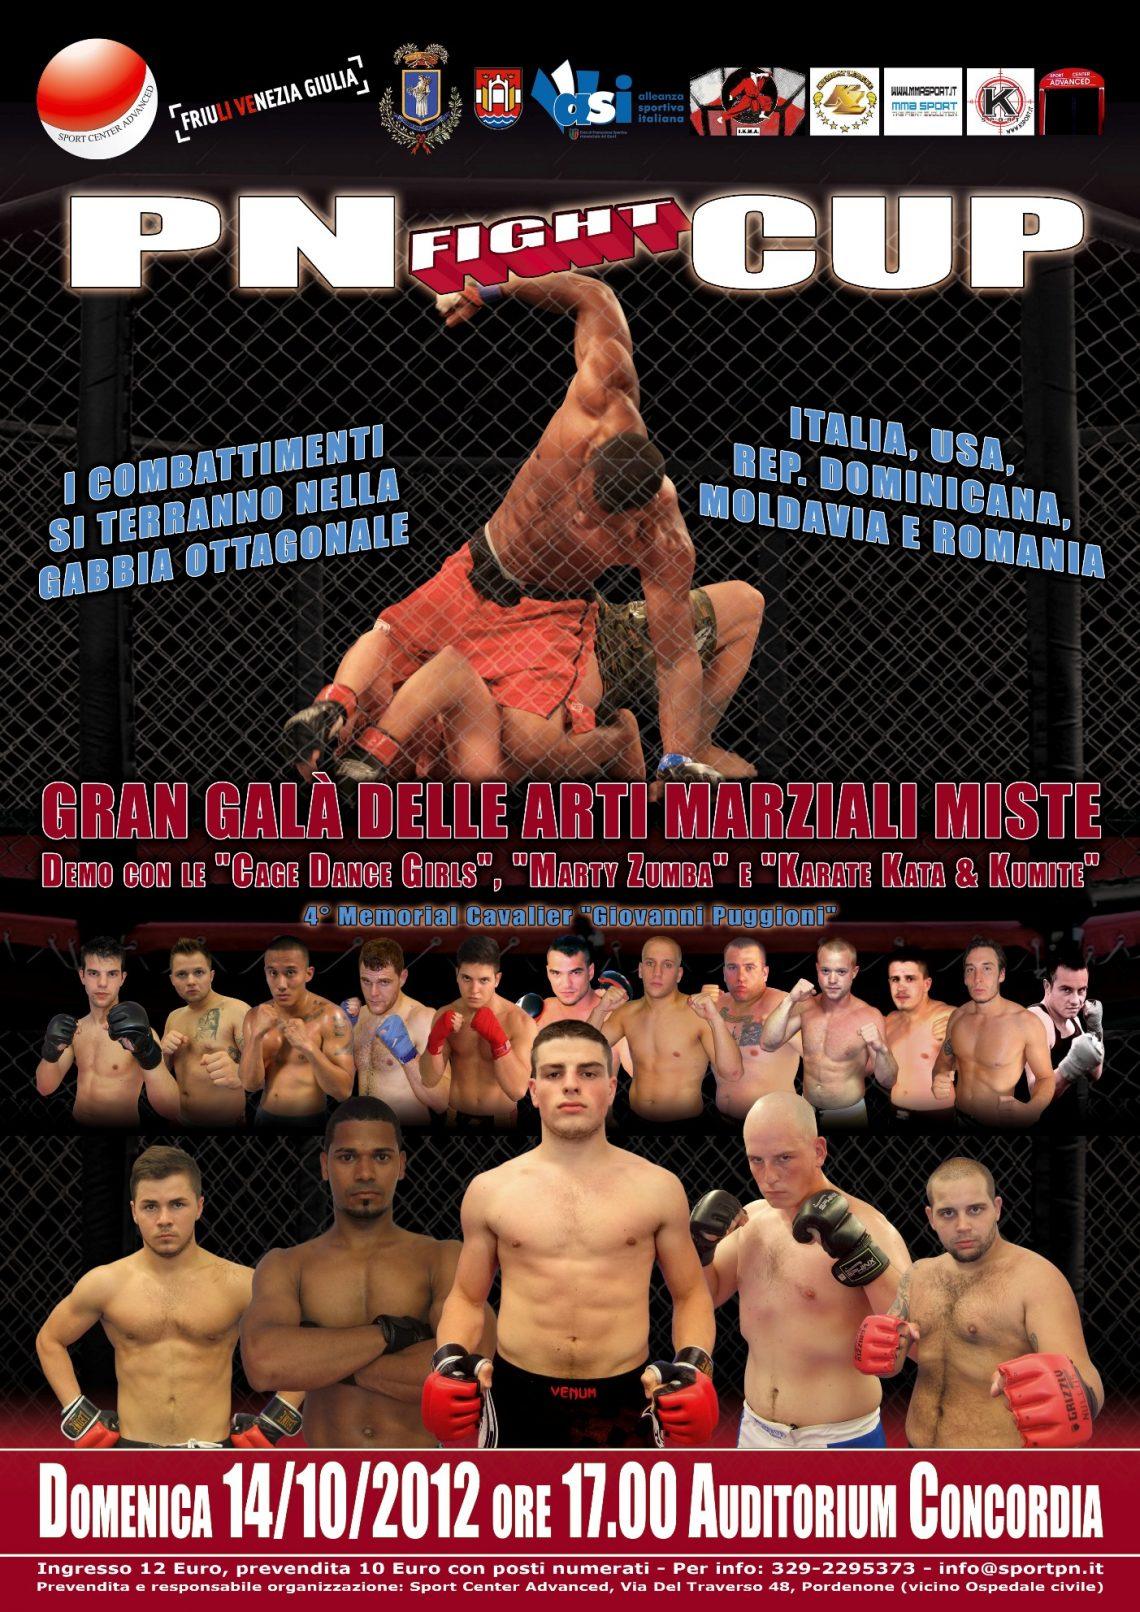 Pordenone SuperSfida MMA Italia-USA: PN Fight Cup 1